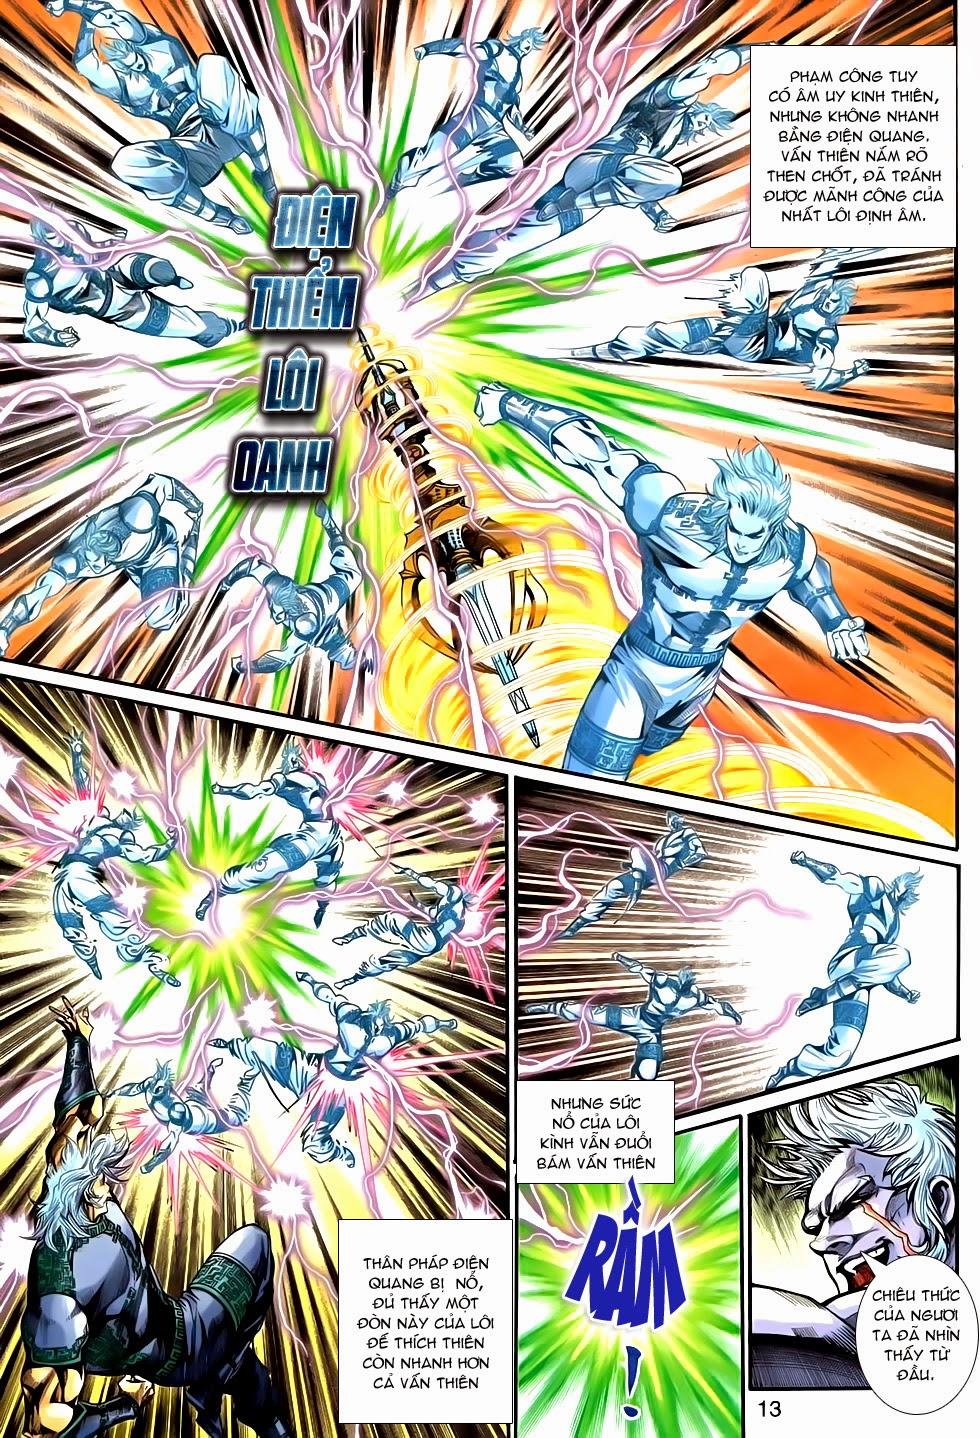 Thần Binh Tiền Truyện 2 chap 21 Trang 13 - Mangak.info